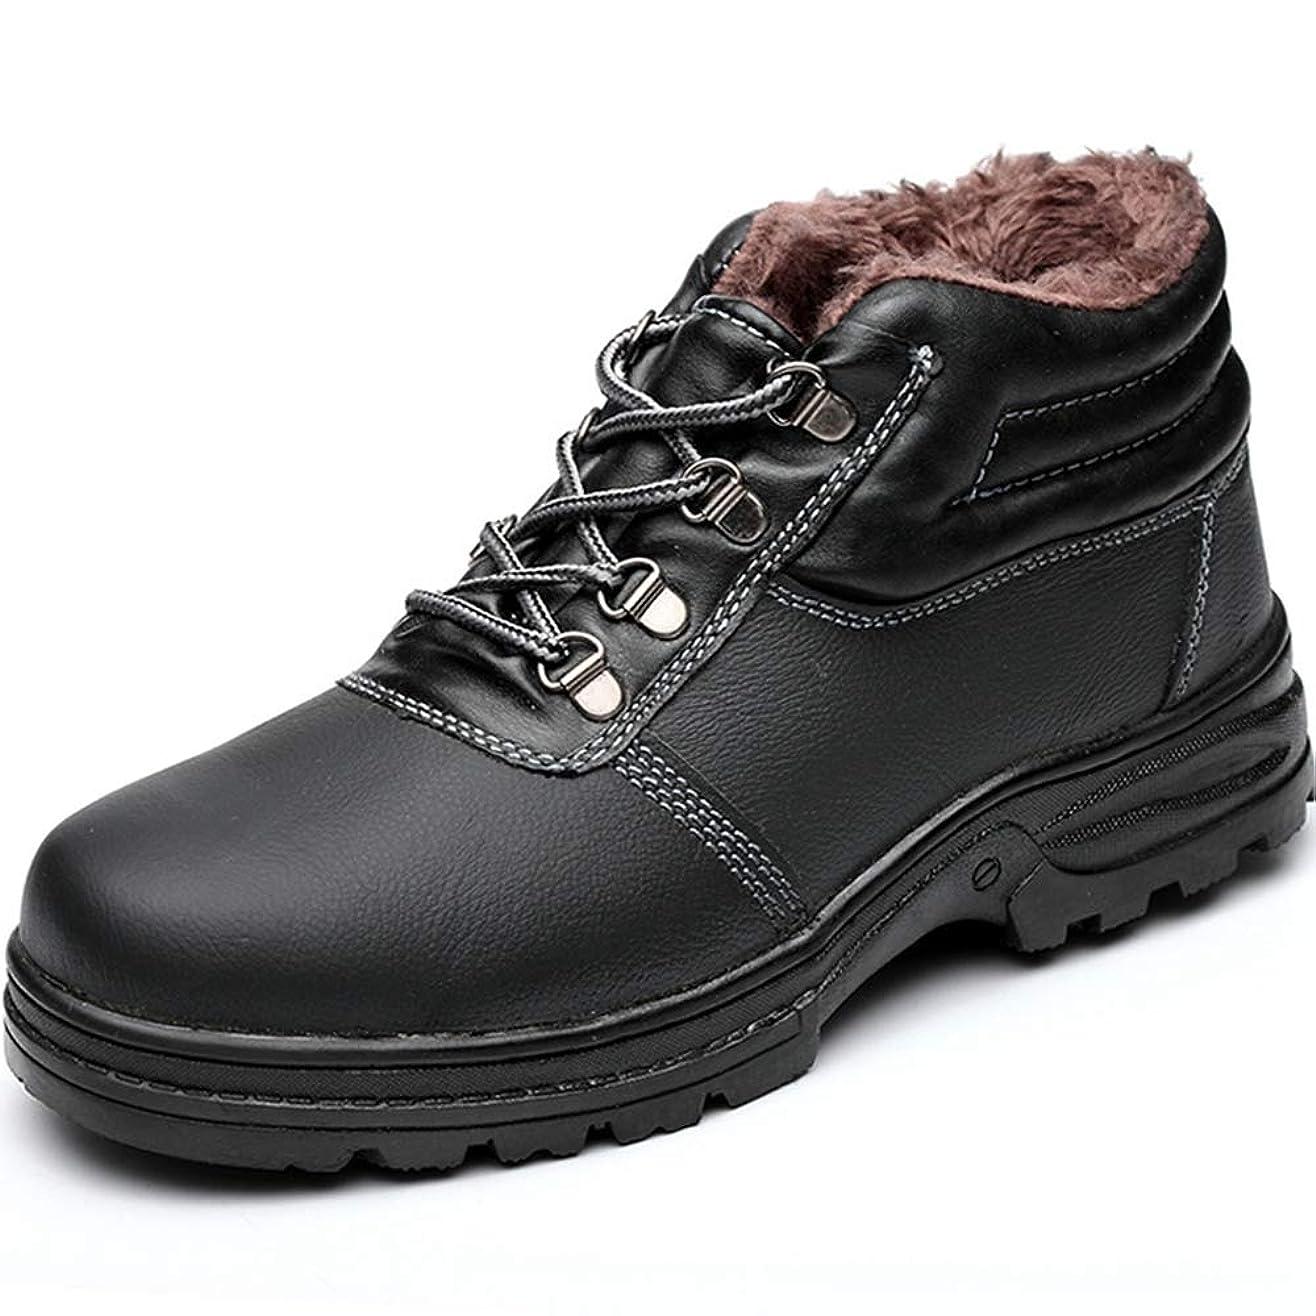 有名な傷つきやすい泥沼マーティンブーツ メンズ ワークブーツ 作業靴 レザー つま先保護 刺し防止 銅製先芯入り 鋼製ミッドソール 裏起毛 保温 暖かい クッションバント 大きいサイズ 頑丈 厚底 滑り止め クッション性 編み上げ ショートブーツ